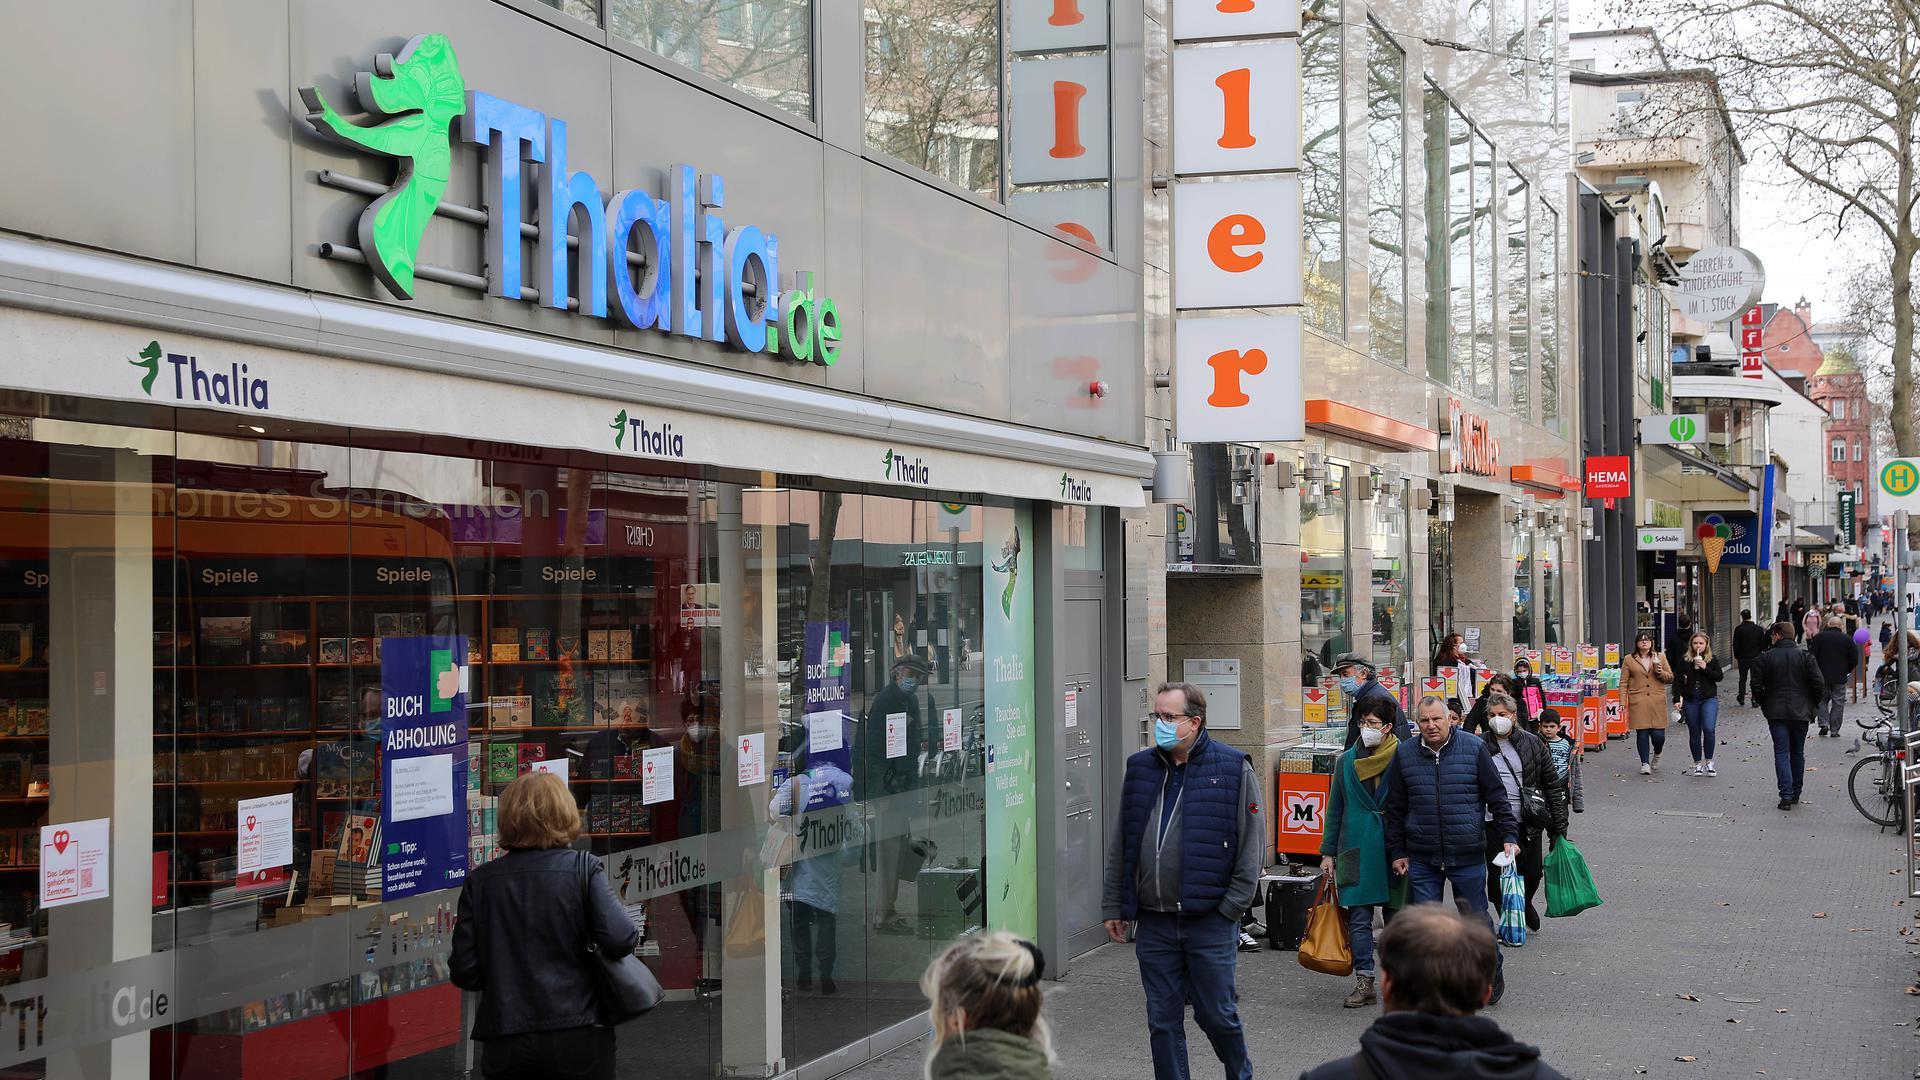 © Jodo-Foto /  Joerg  Donecker// 4.03.2021 Kaiserstrasse mit Buchhandlung Thalia (z. Zeit noch geschlossen/ Lockdown) und Drogerie Mueller (offen),                             -Copyright - Jodo-Foto /  Joerg  Donecker Sonnenbergstr.4  D-76228 KARLSRUHE TEL:  0049 (0) 721-9473285 FAX:  0049 (0) 721 4903368  Mobil: 0049 (0) 172 7238737 E-Mail:  joerg.donecker@t-online.de Sparkasse Karlsruhe  IBAN: DE12 6605 0101 0010 0395 50, BIC: KARSDE66XX Steuernummer 34140/28360 Veroeffentlichung nur gegen Honorar nach MFM zzgl. ges. Mwst.  , Belegexemplar und Namensnennung. Es gelten meine AGB.